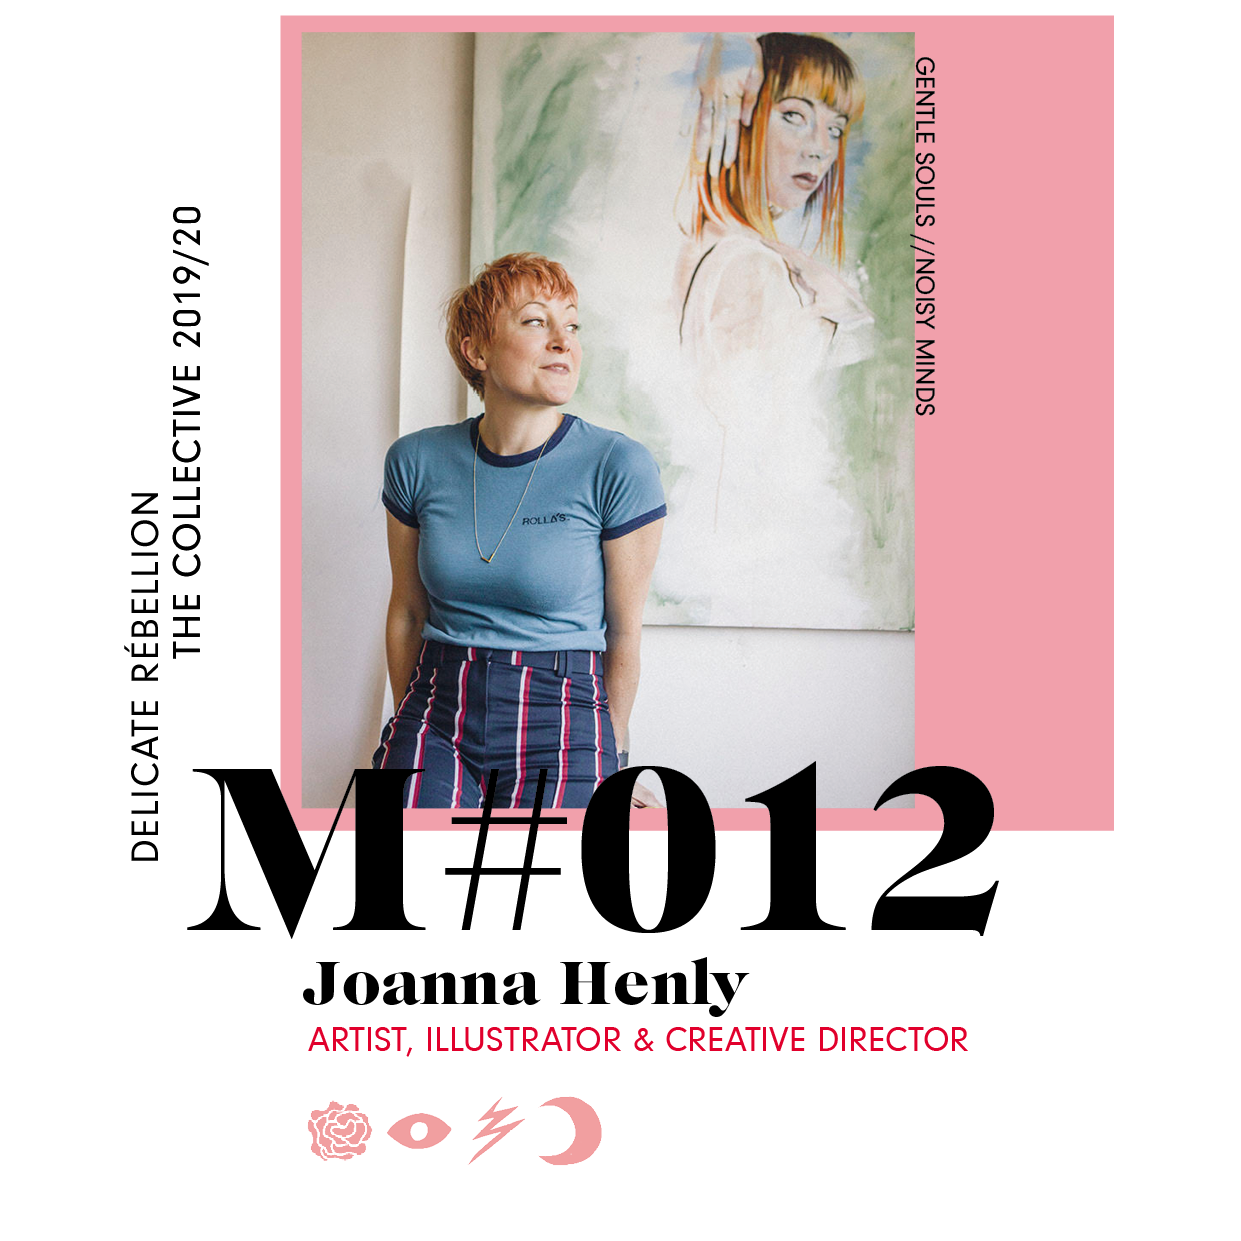 joanna henly